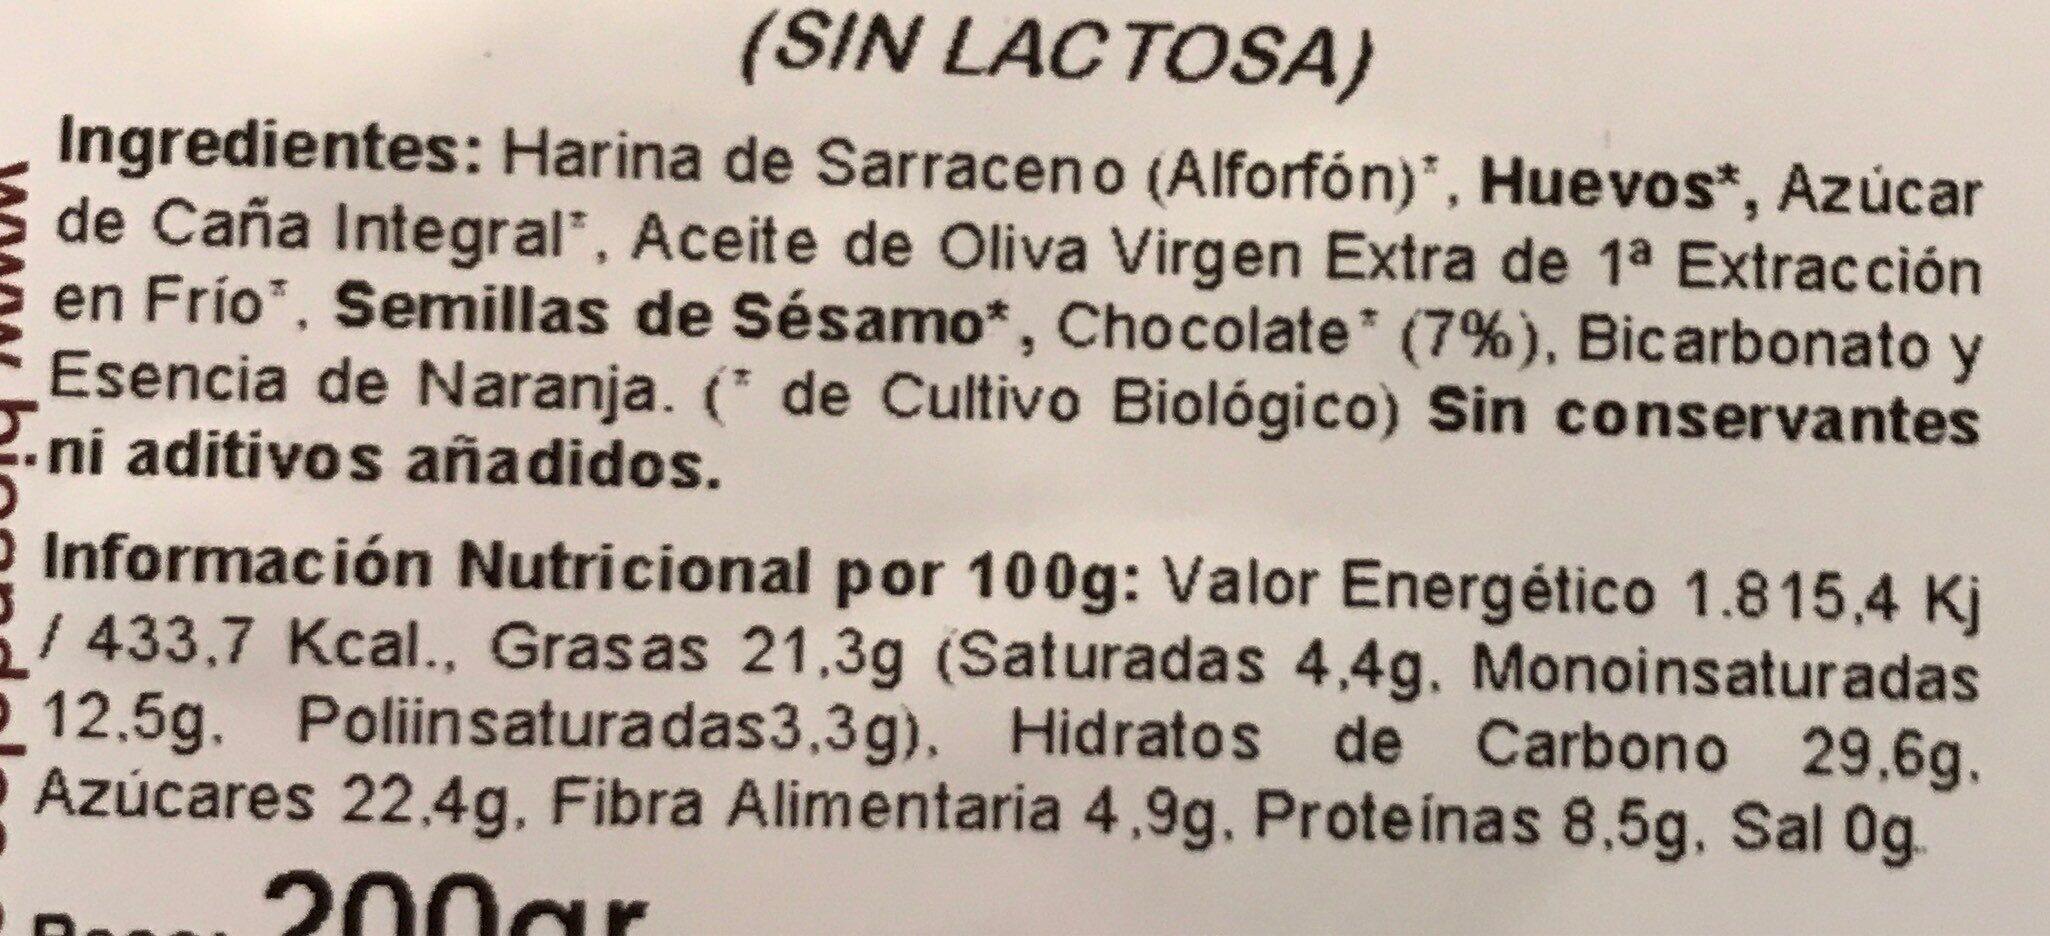 Pastas de Sarraceno con Chocolate - Nutrition facts